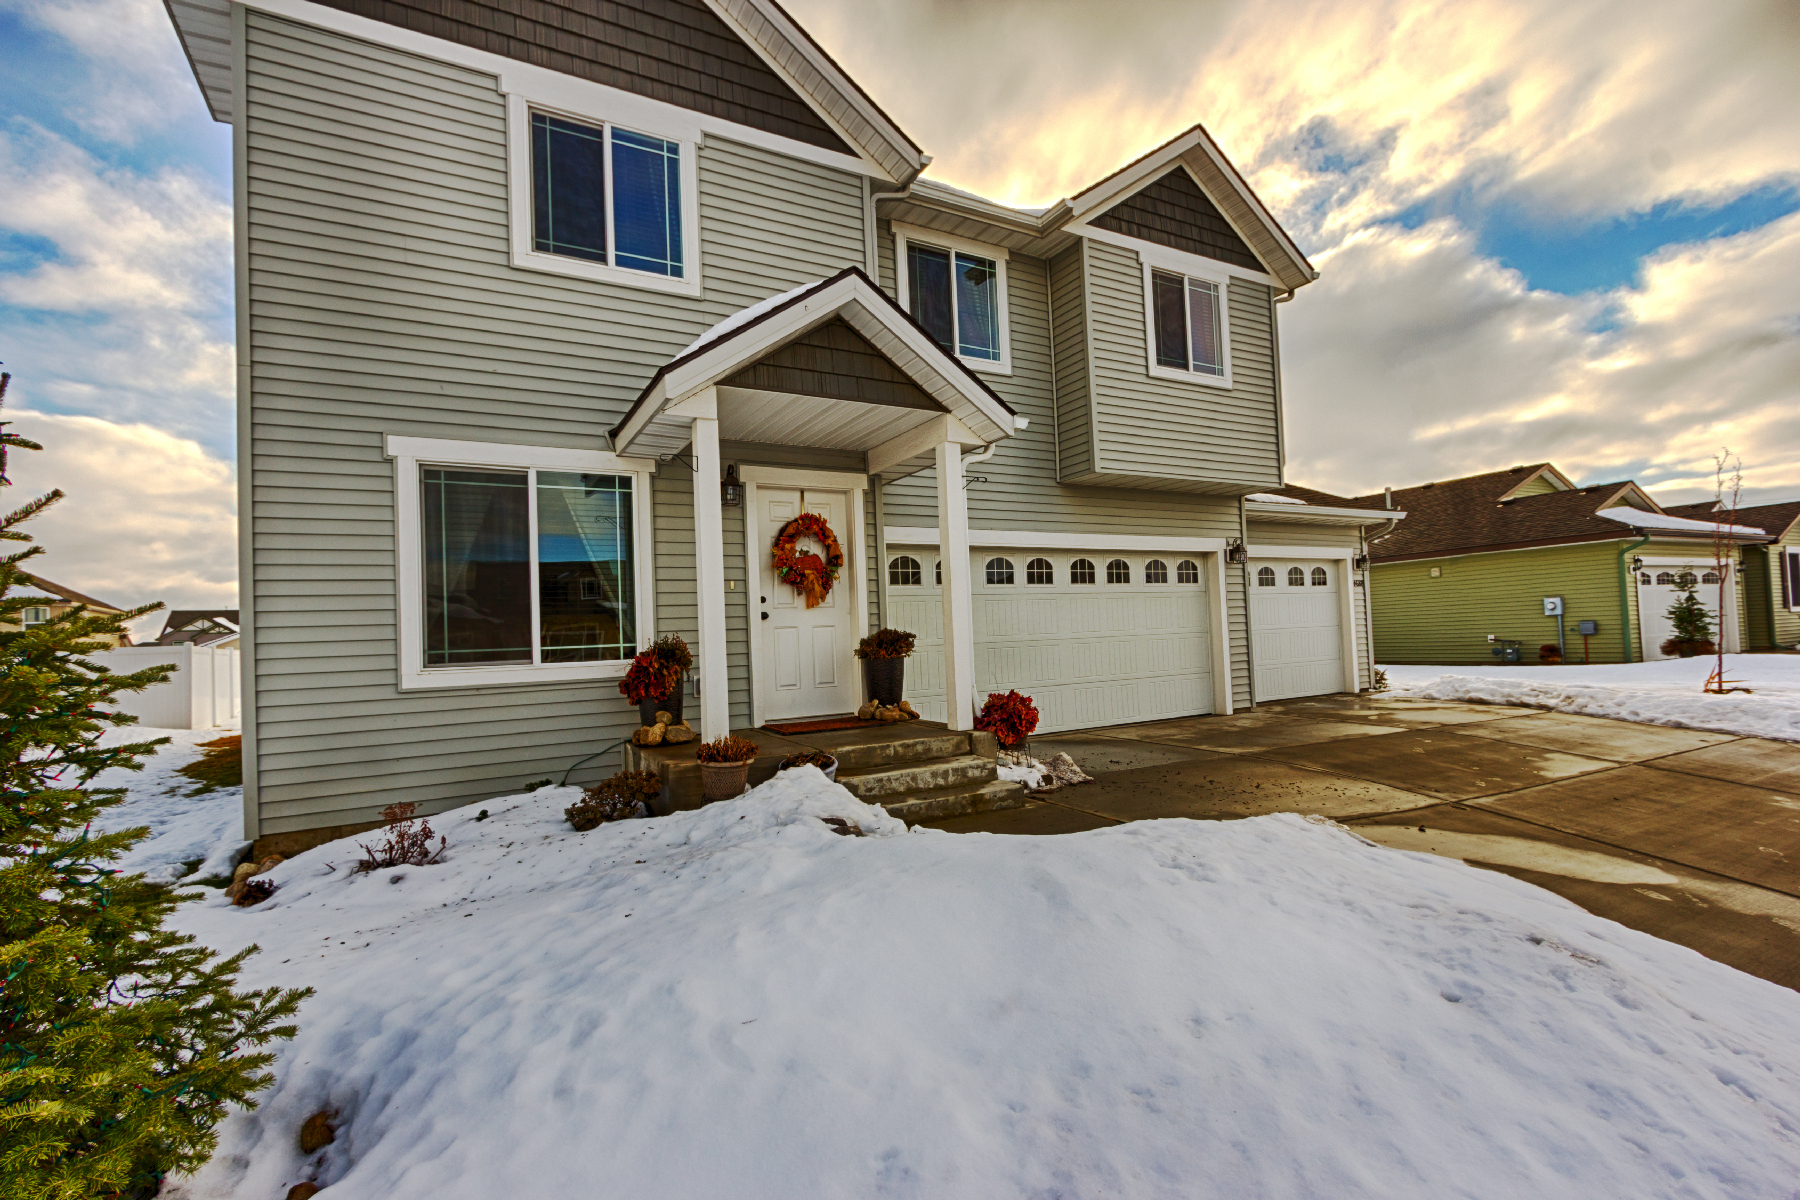 Maison unifamiliale pour l Vente à Large Home in the Landings 4688 Long Meadow Coeur D Alene, Idaho, 83815 États-Unis